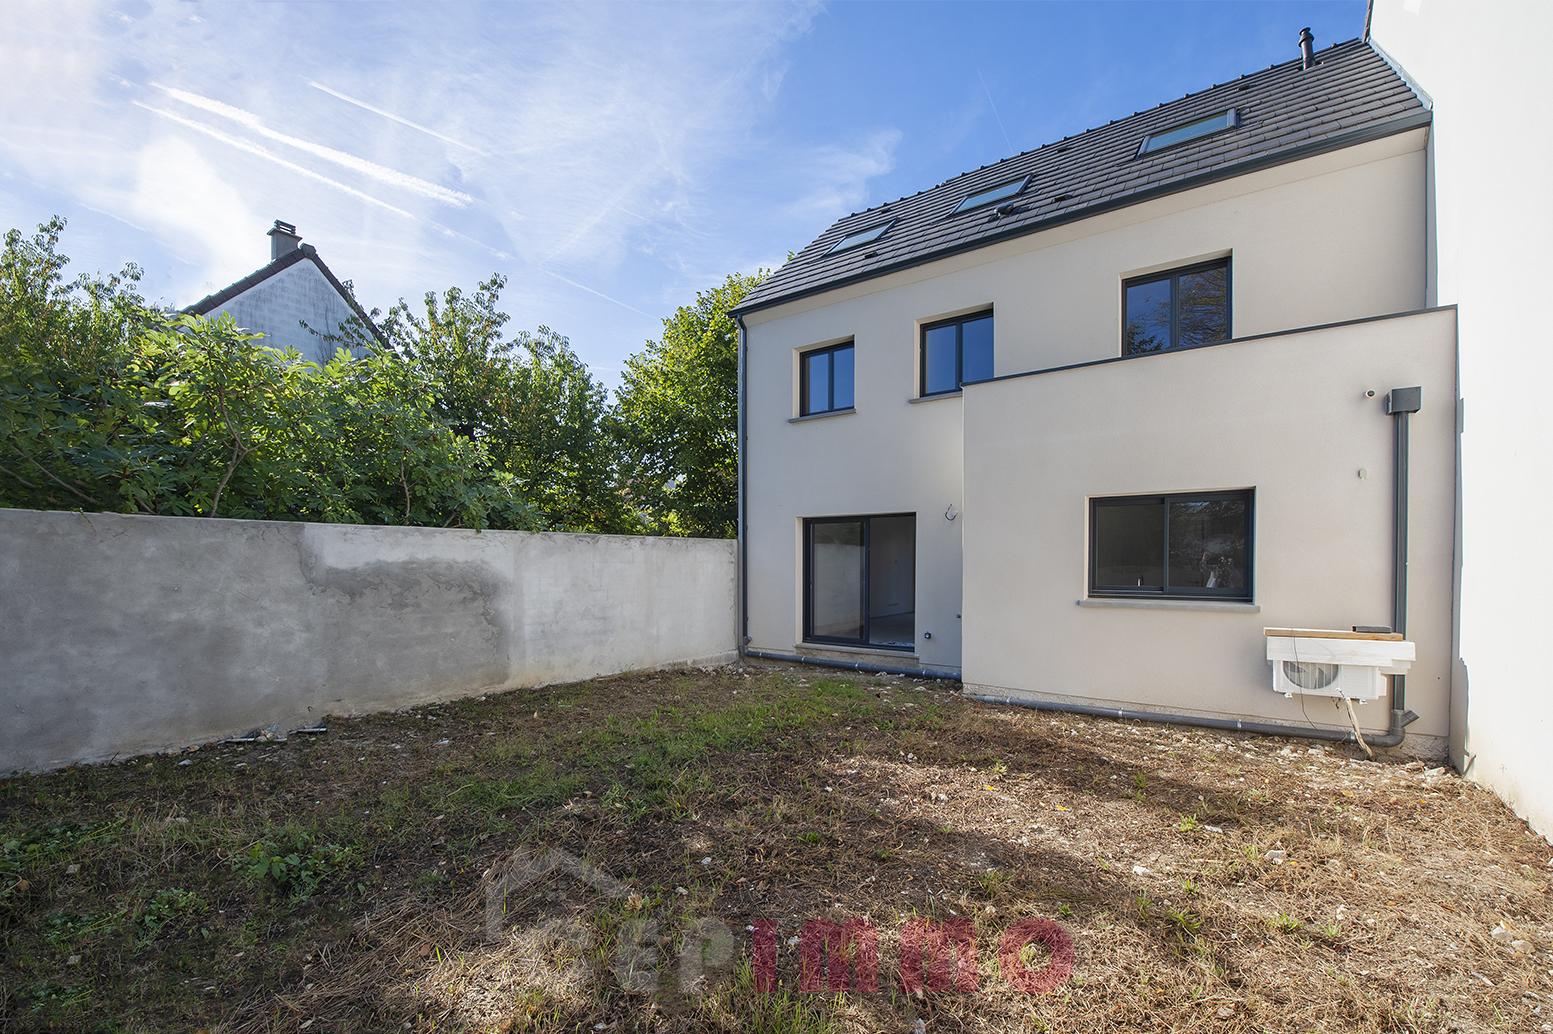 Maison 7 pièces 138m2 à Villiers sur Marne (94350)